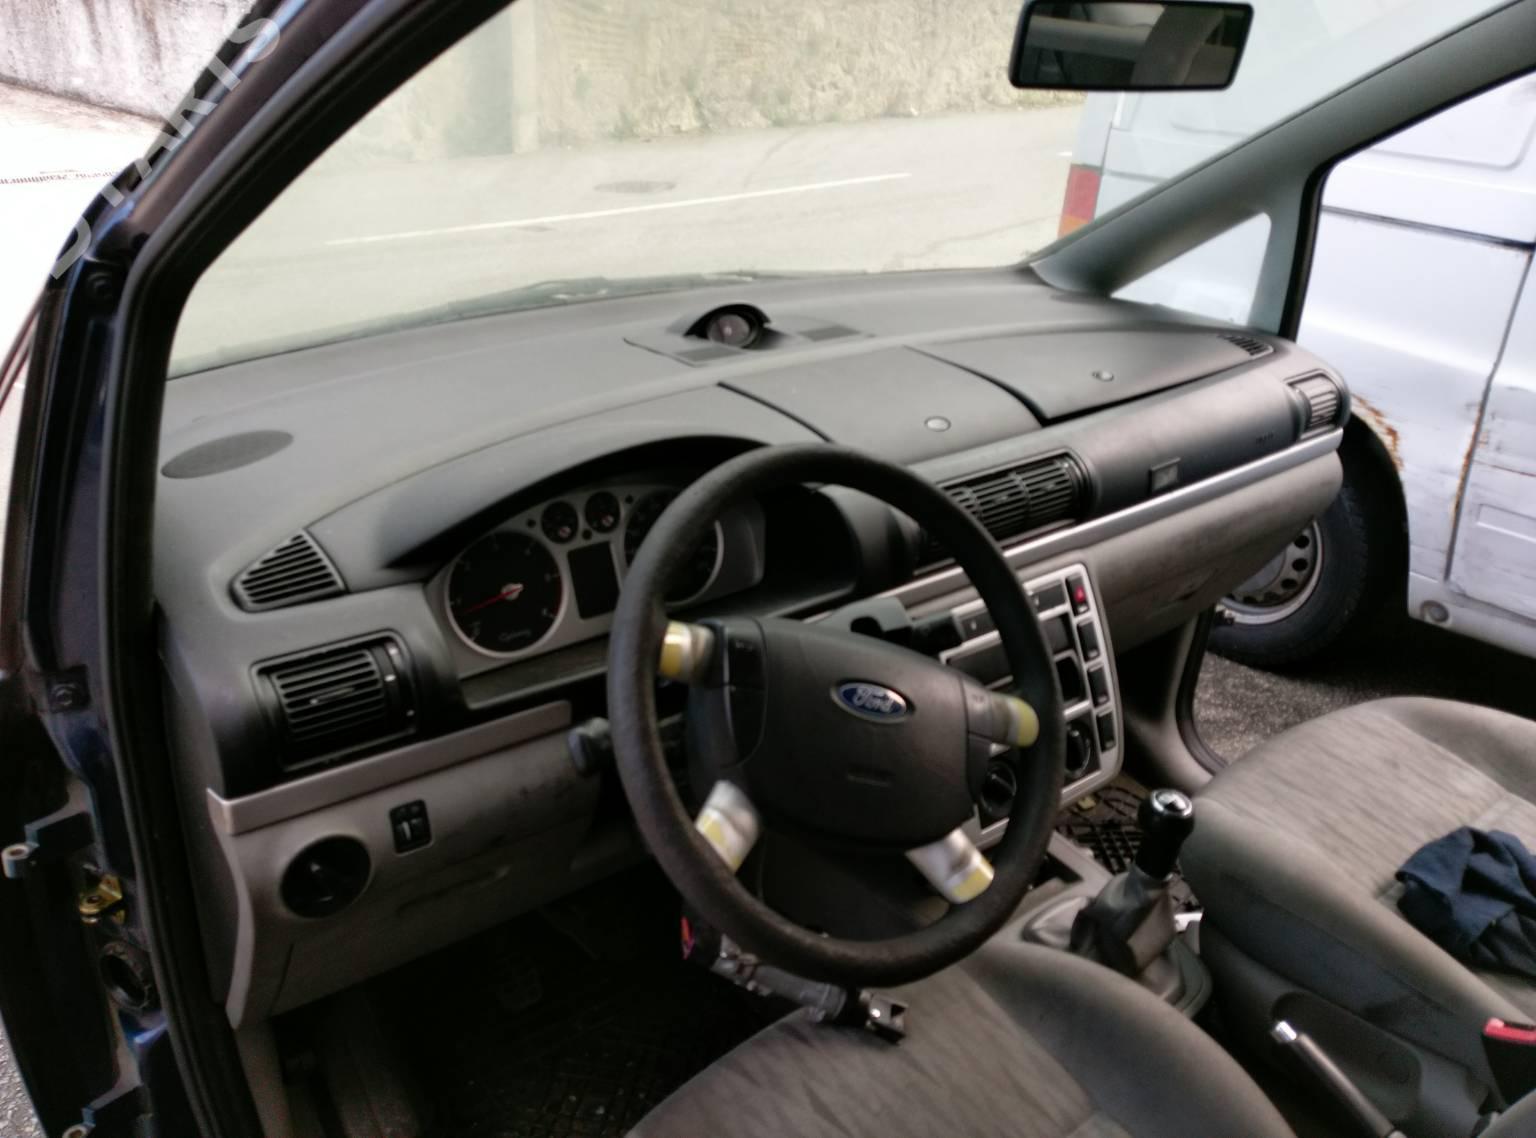 Schalter Antriebswelle für einen FORD Galaxy WGR 1.9 TDI 2.8 V6 vorne rechts